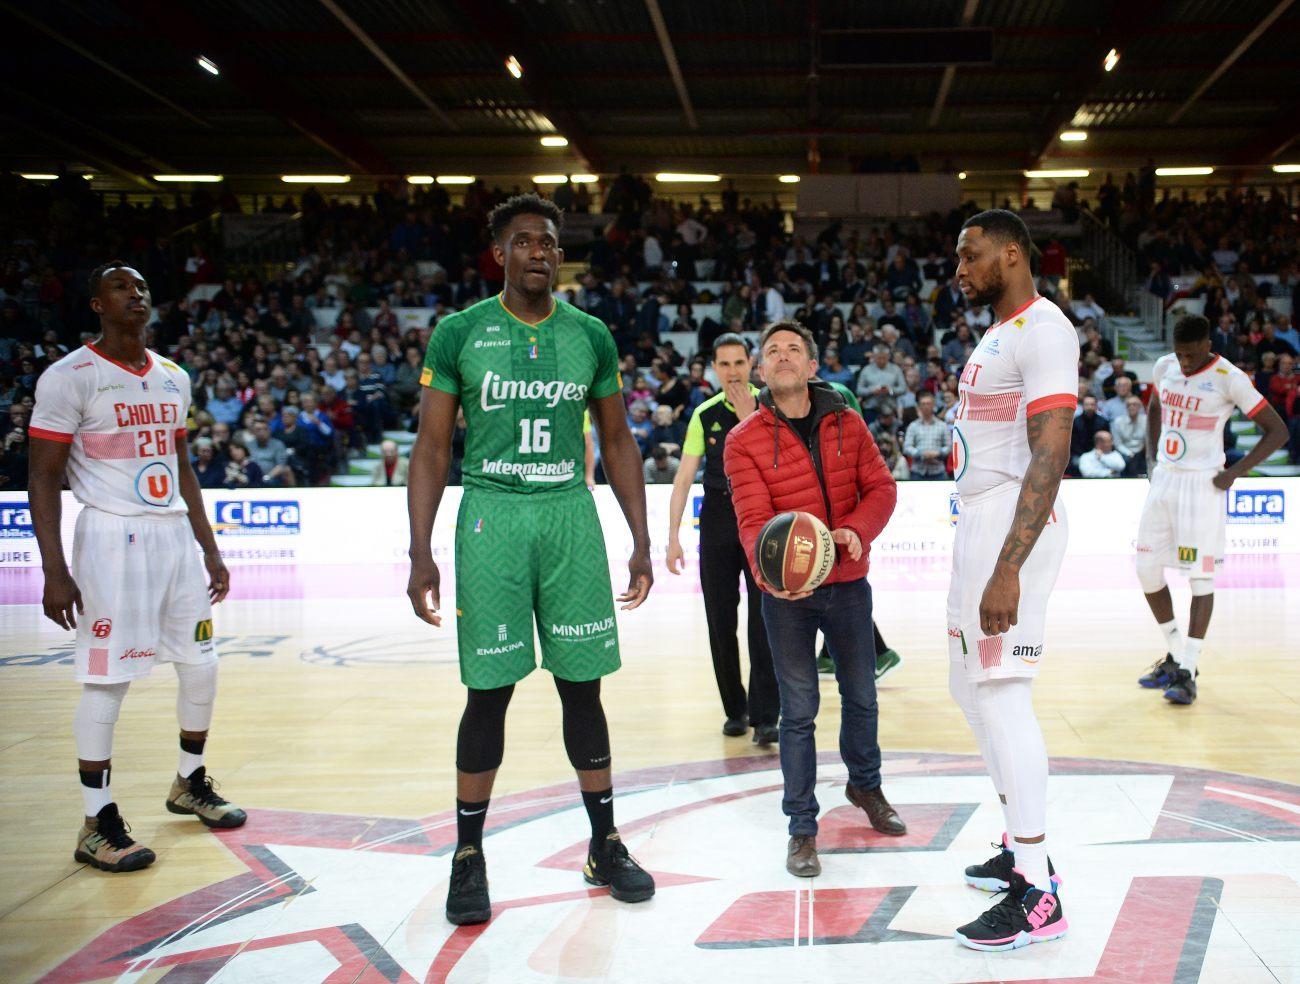 Coup d'envoi donné par le parrain du match Monsieur Sylvain Bodet, de l'entreprise Bodet - © ETIENNE LIZAMBARD